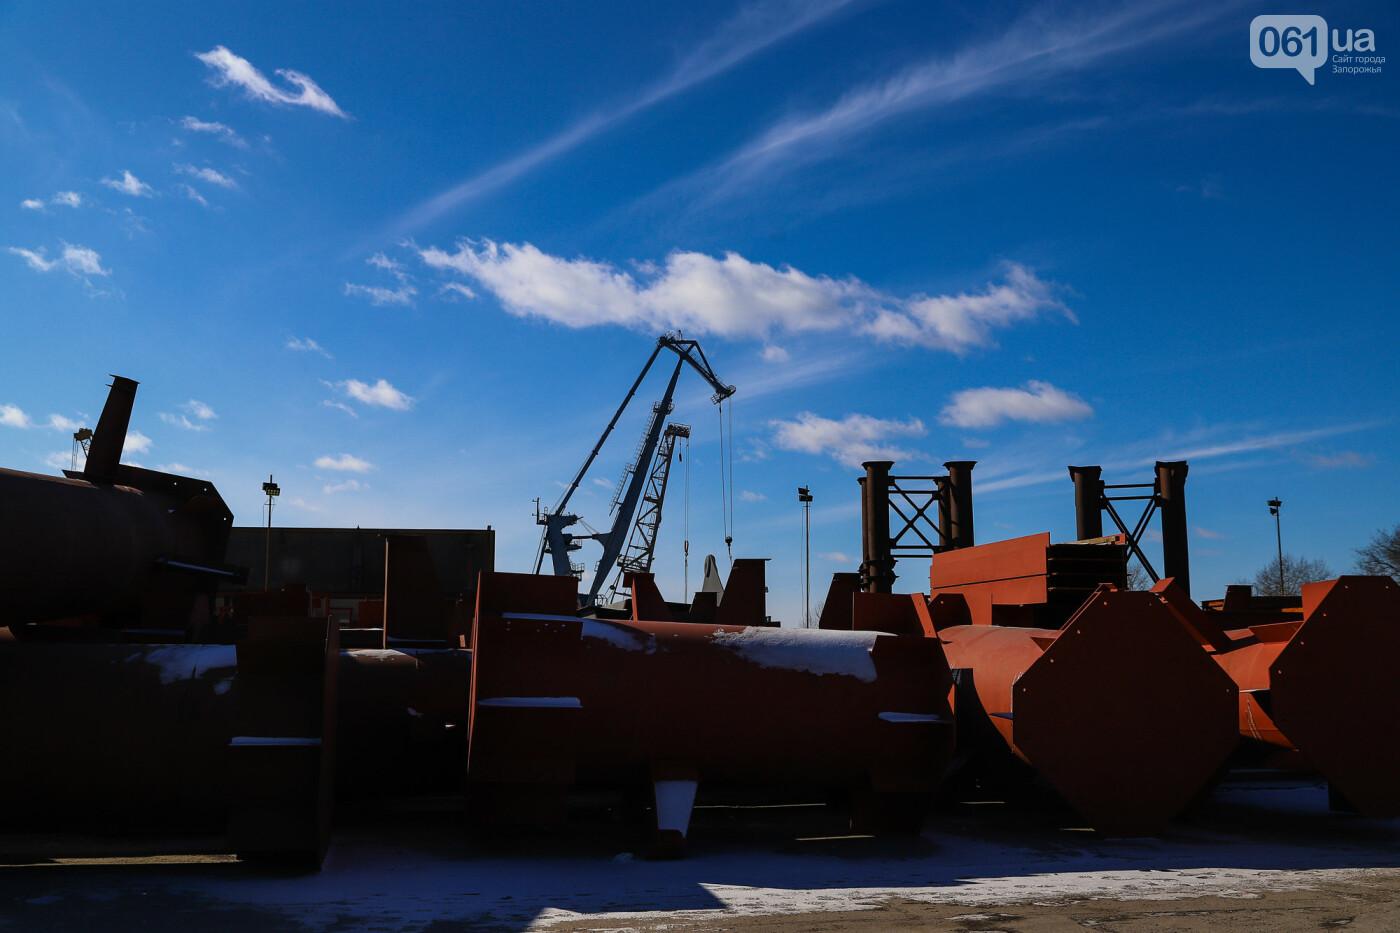 Кран с иностранной пропиской, ванты и металл: строительство запорожских мостов в фотографиях, фото-26